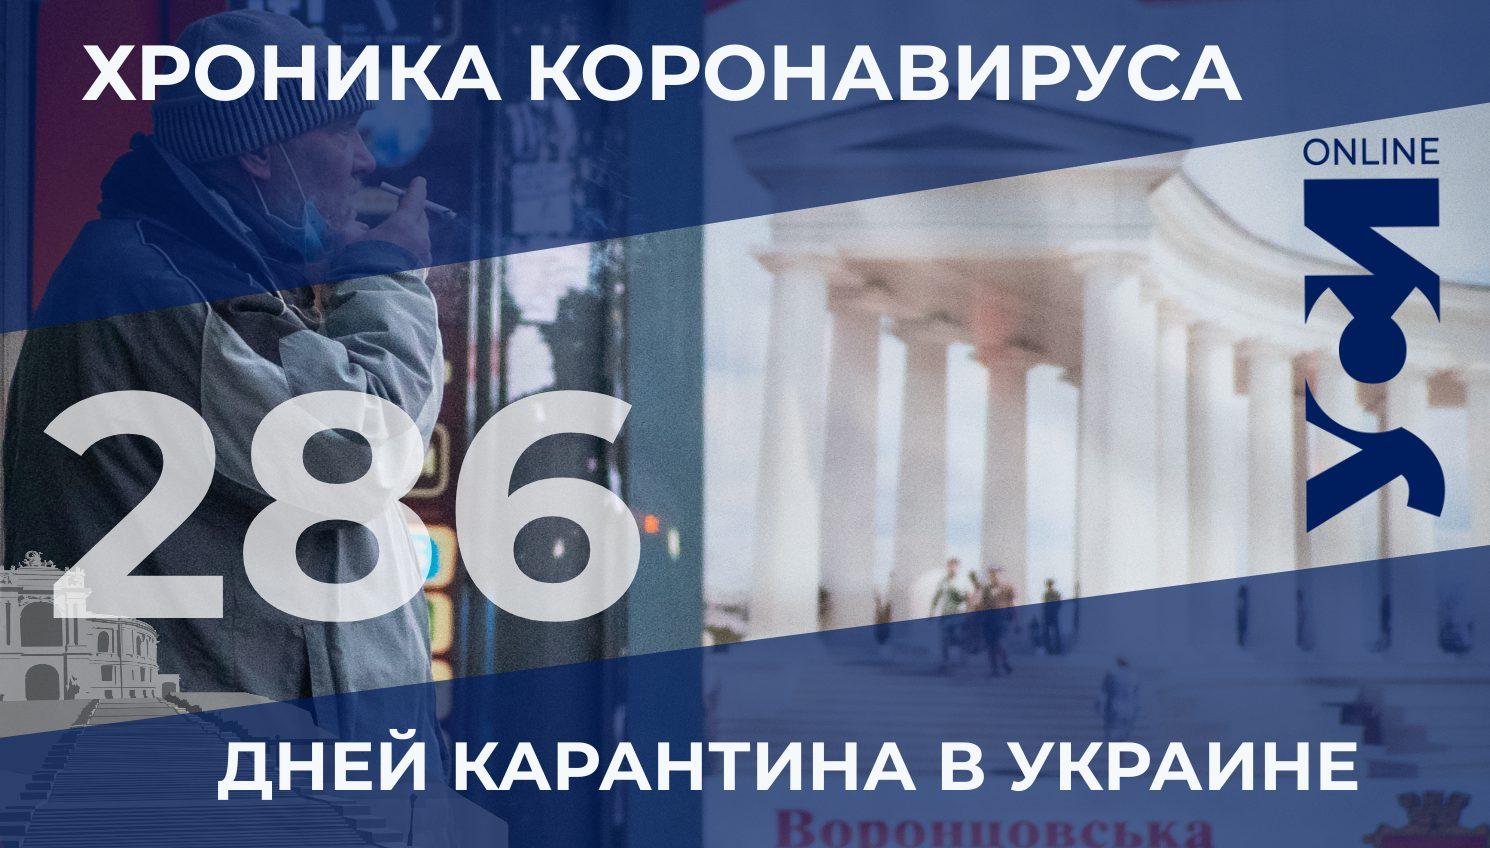 Хроника: в Одесской области 792 новых заболевших COVID-19 «фото»